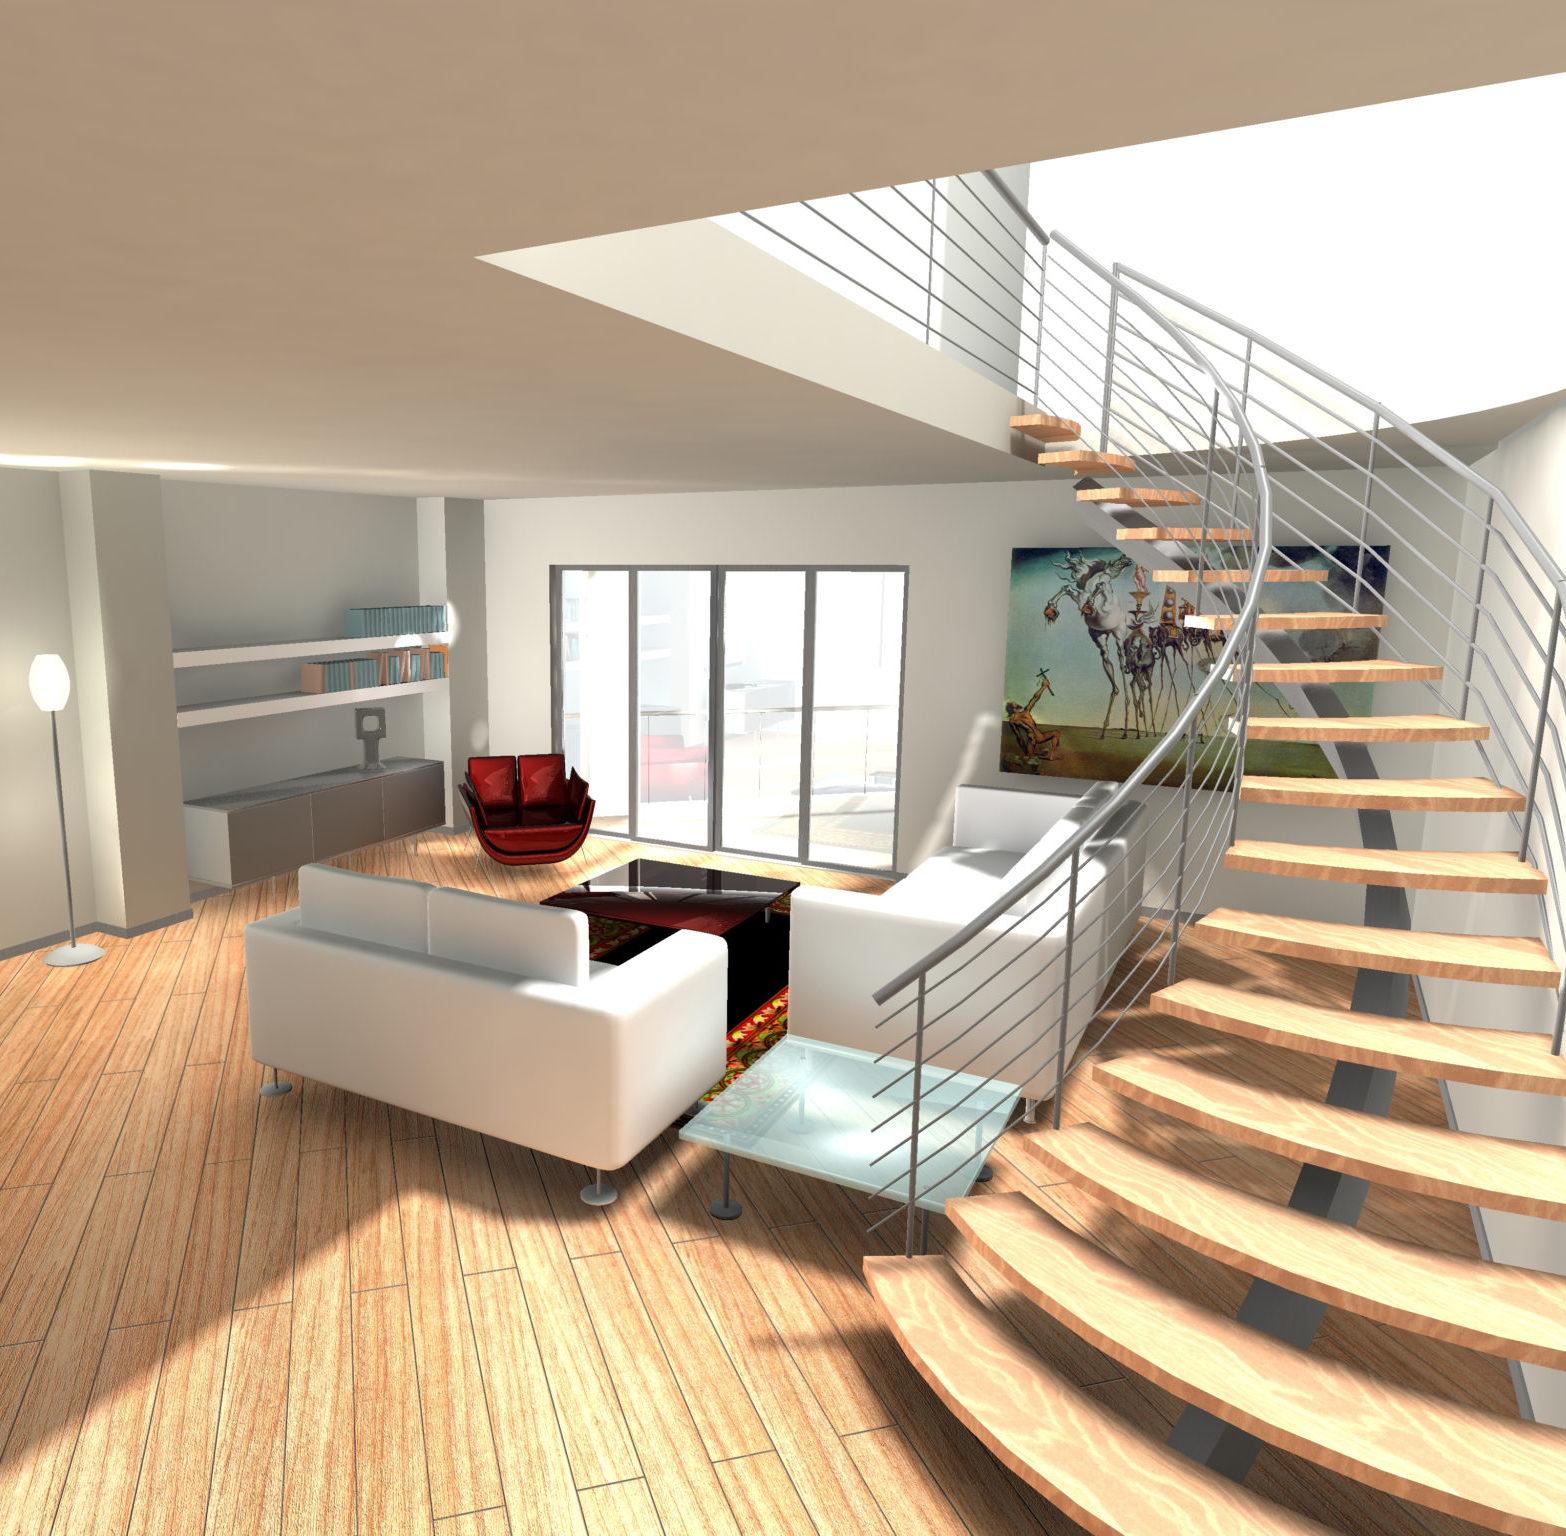 Consulenza architettonica progettuale spazio19 for Consulenza architetto gratuita